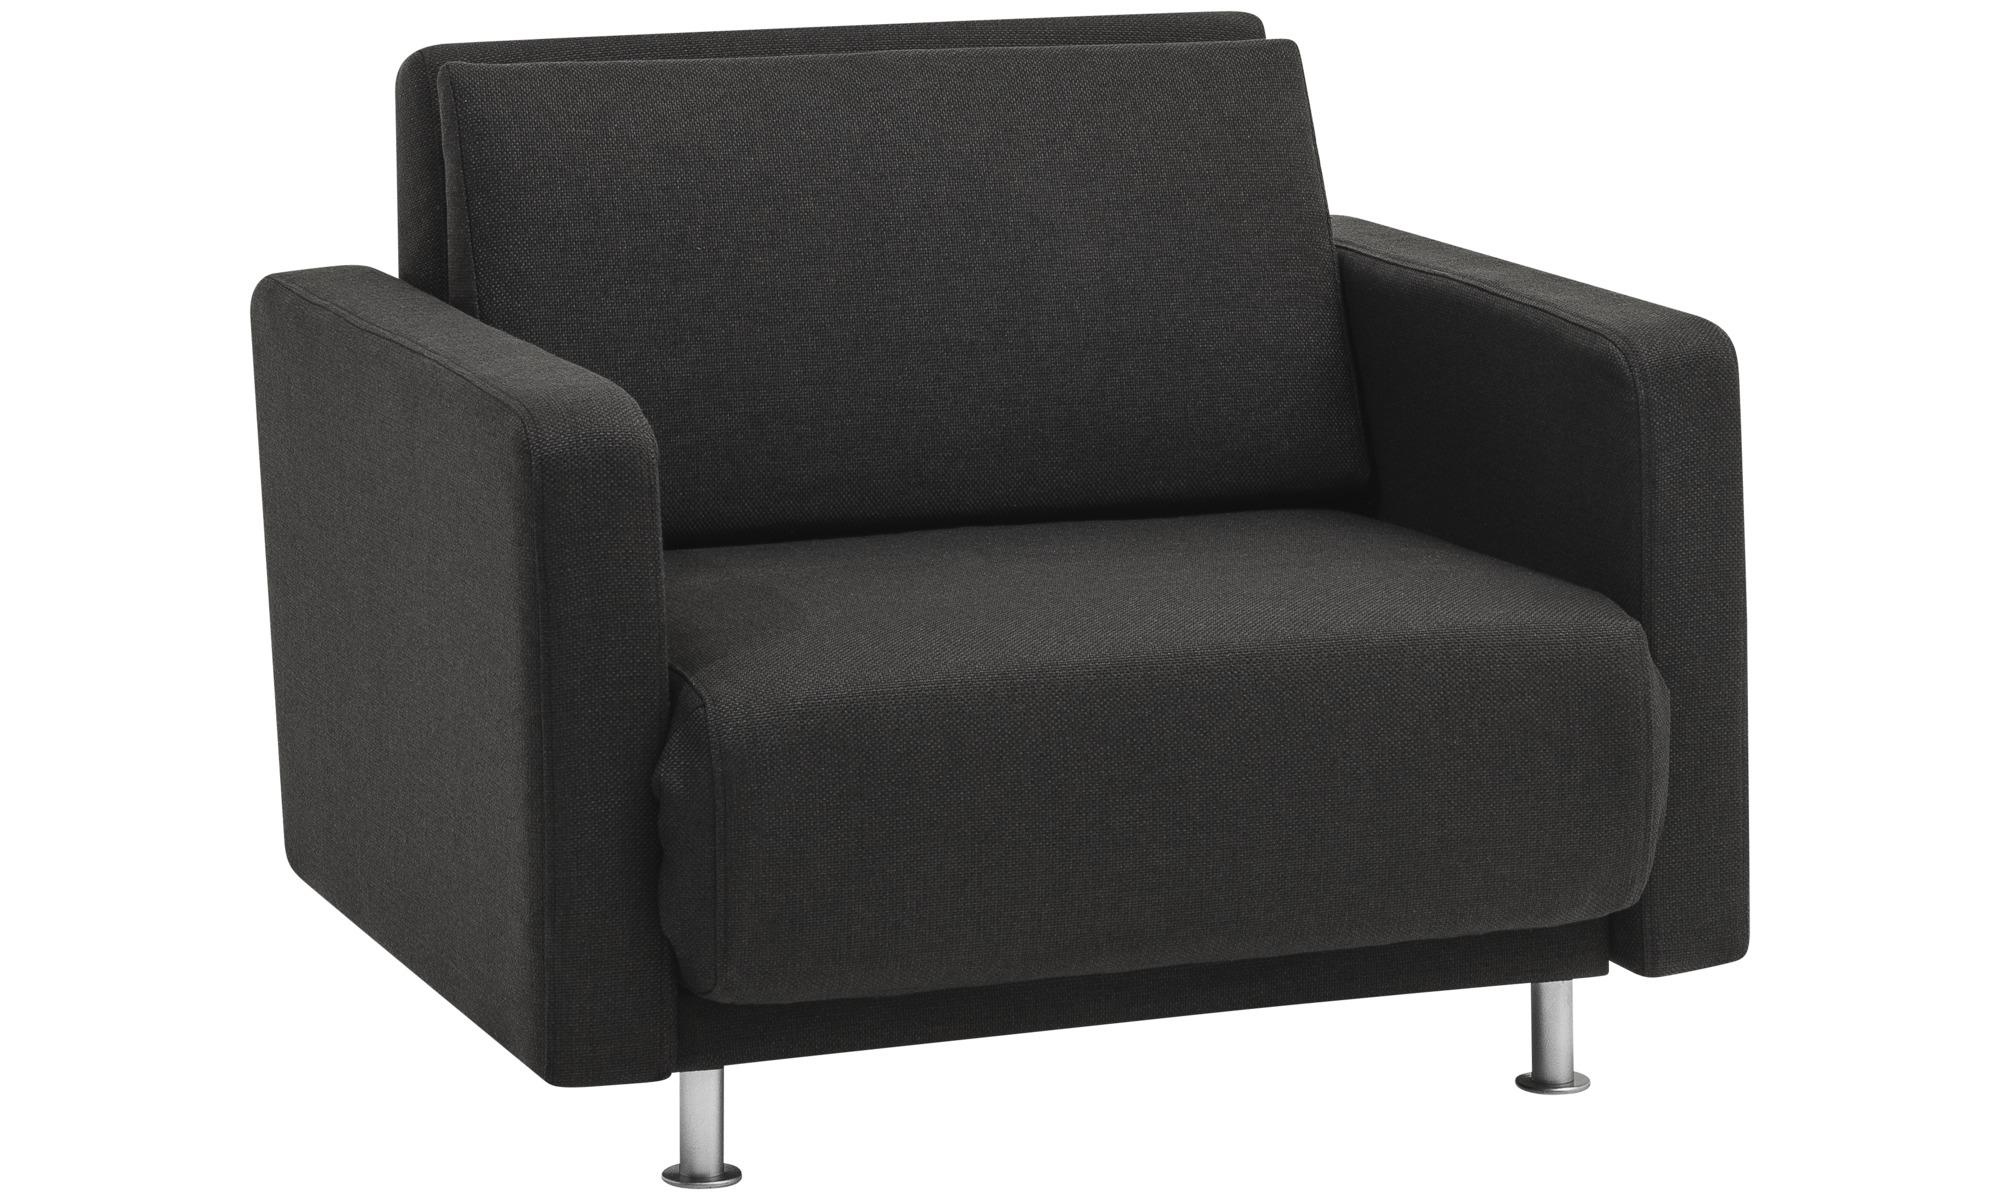 Sessel mit schlaffunktion  Sessel - Melo 2 Sessel mit Ausklapp- und Schlaffunktion - BoConcept